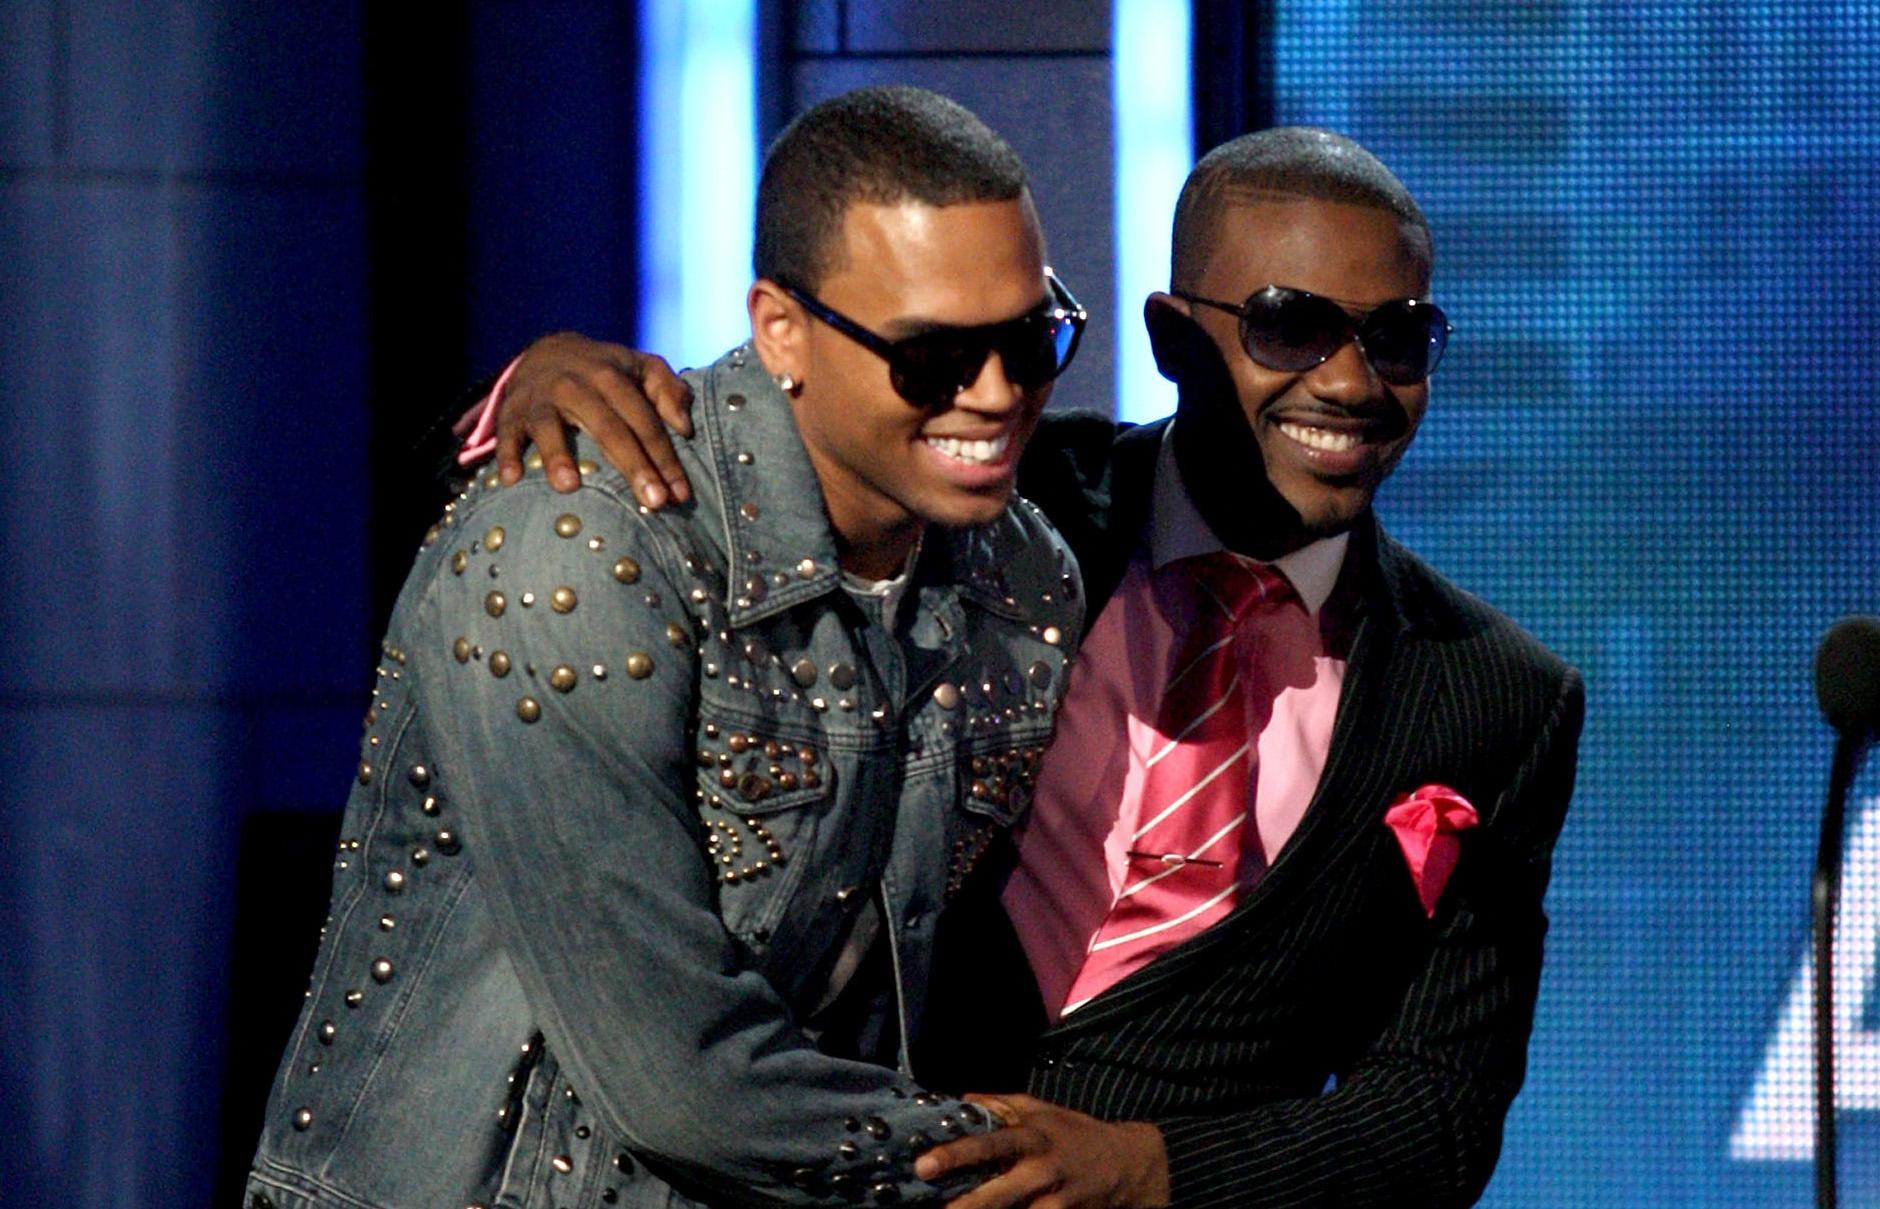 Chris Brown and Ray J